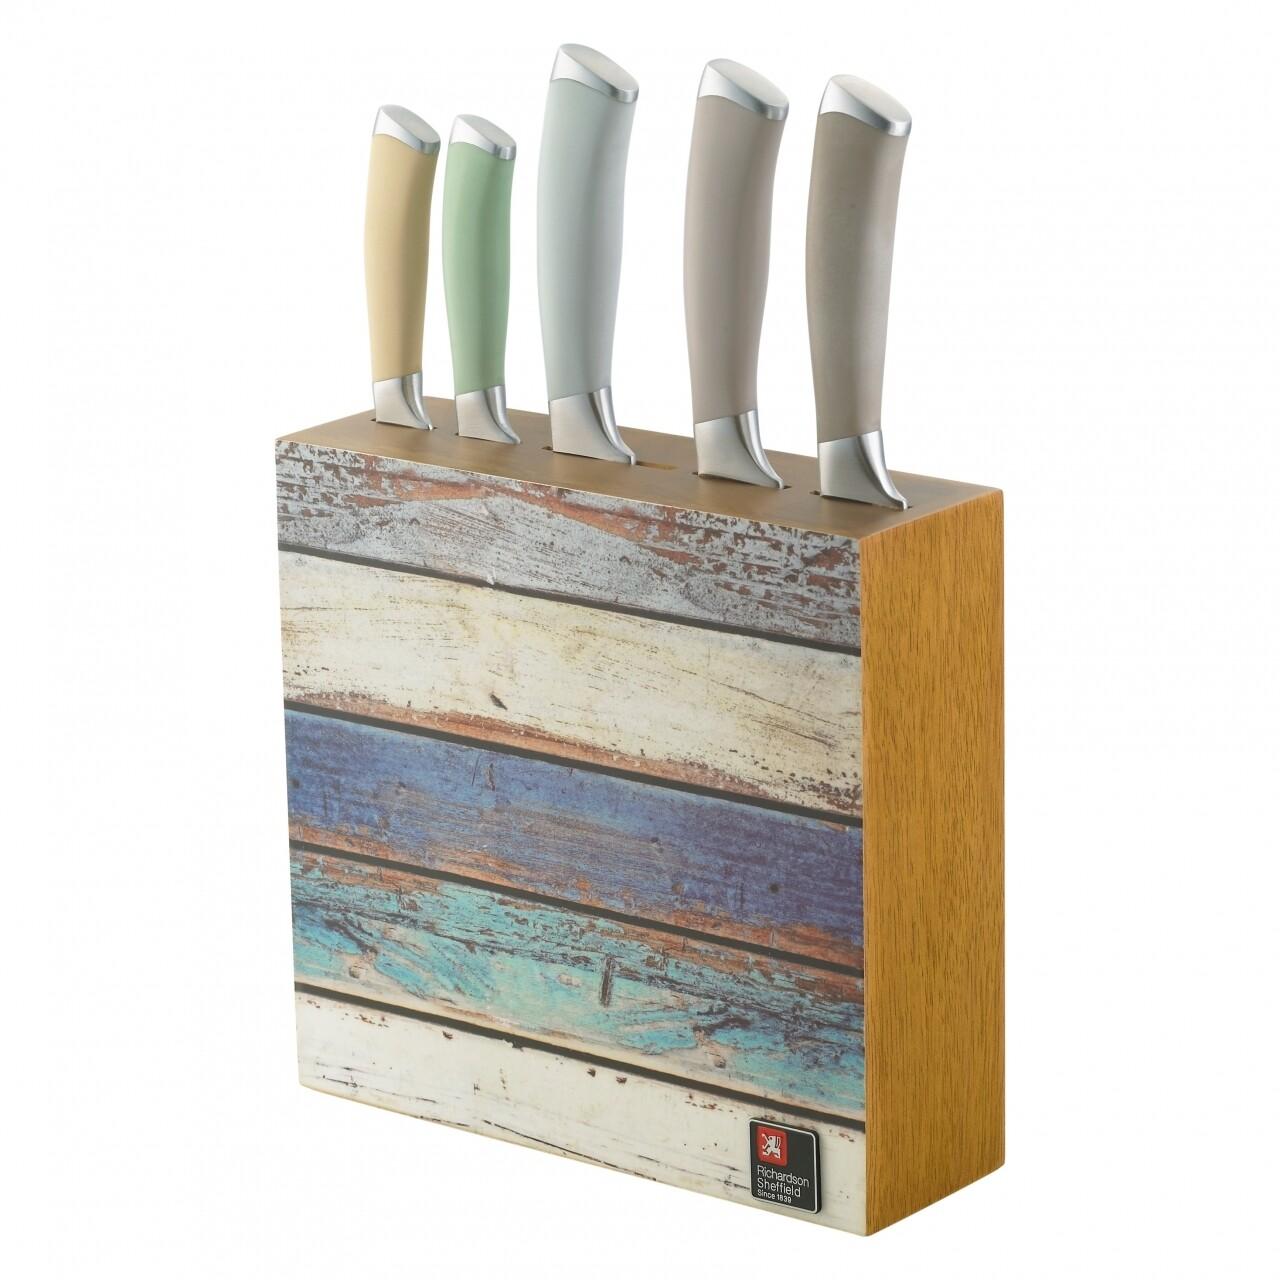 Set 5 cutite cu suport, Amefa, Coast, inox/lemn, multicolor